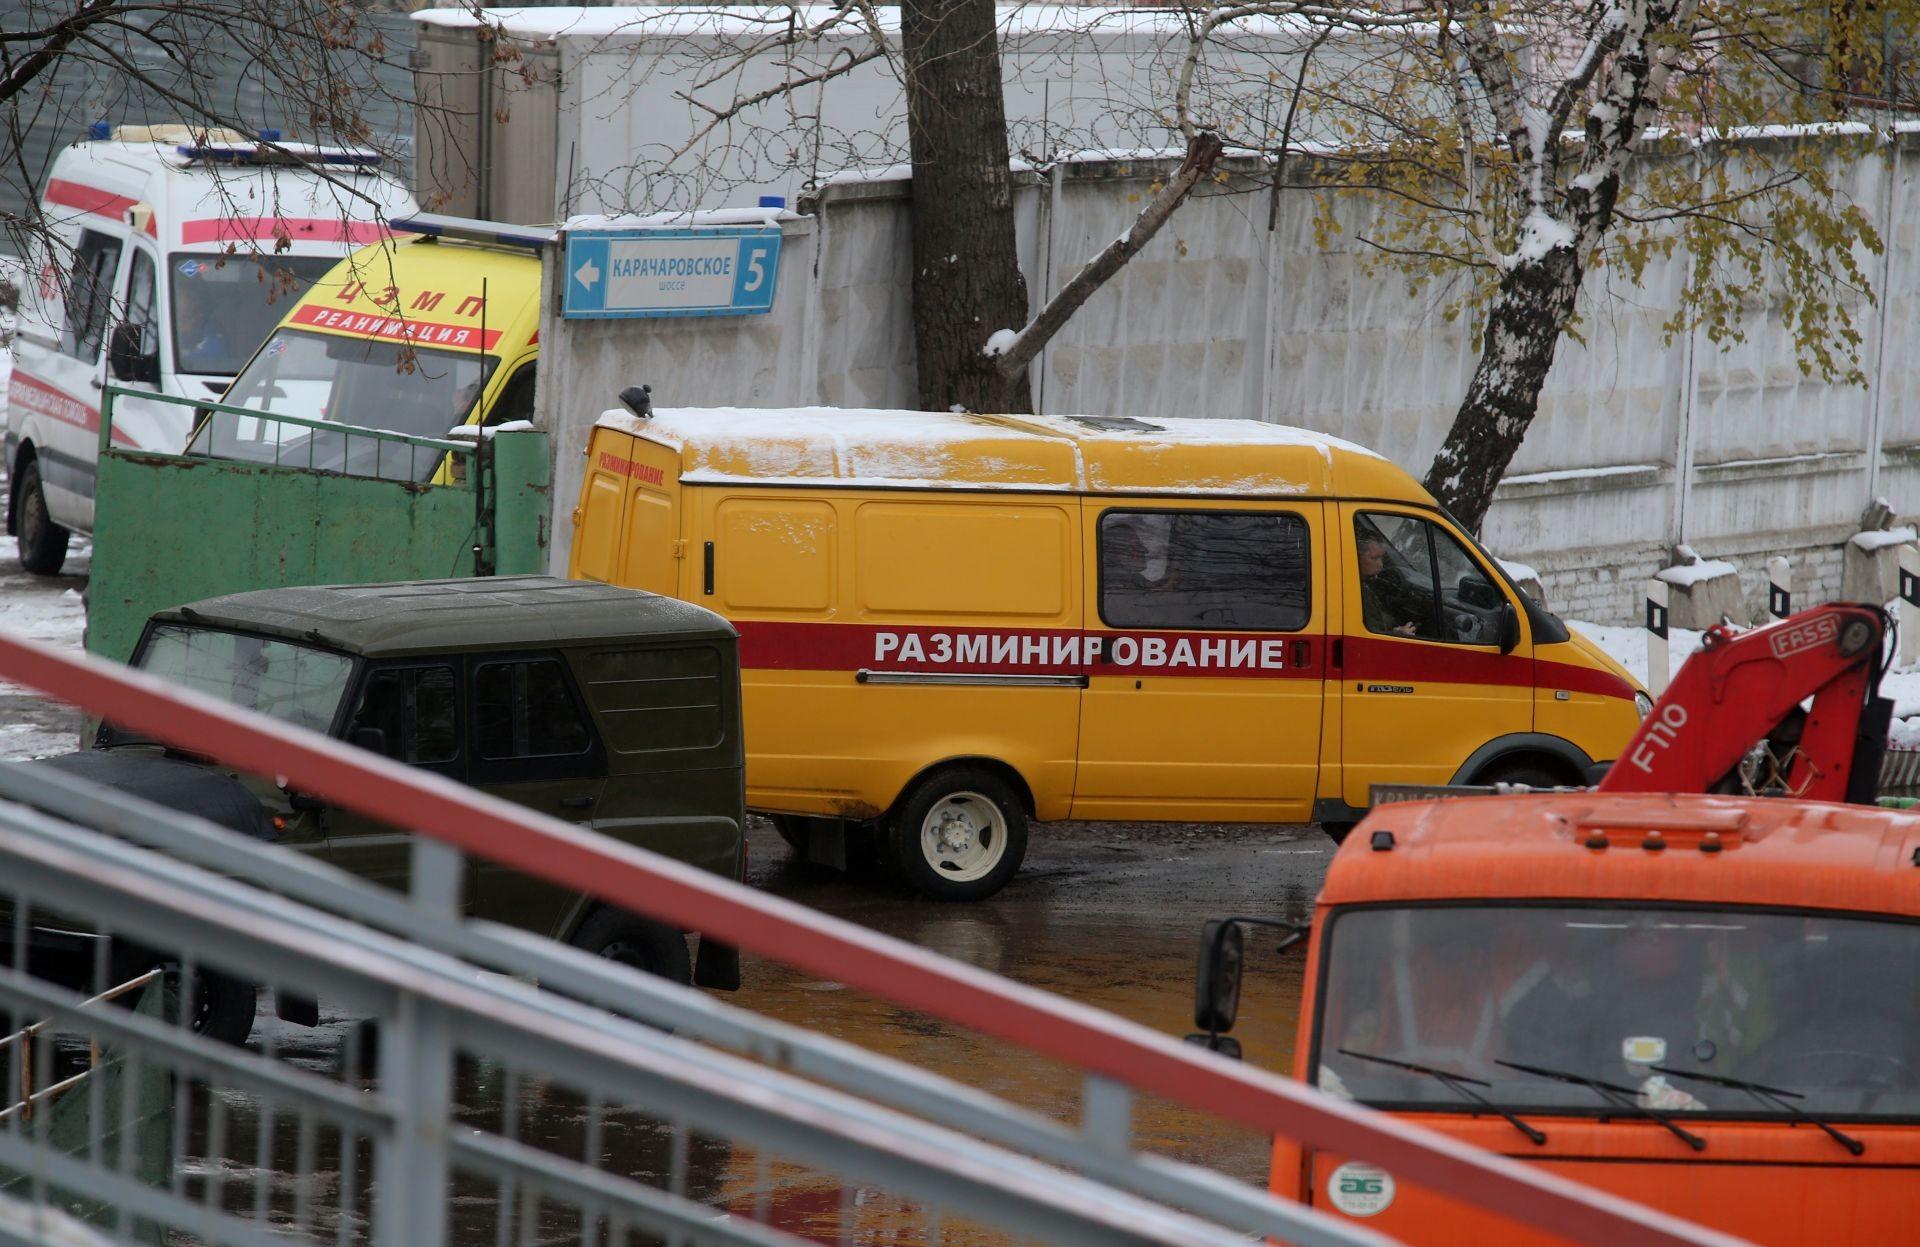 <p>Фото: &copy;РИА Новости/Виталий Белоусов</p>